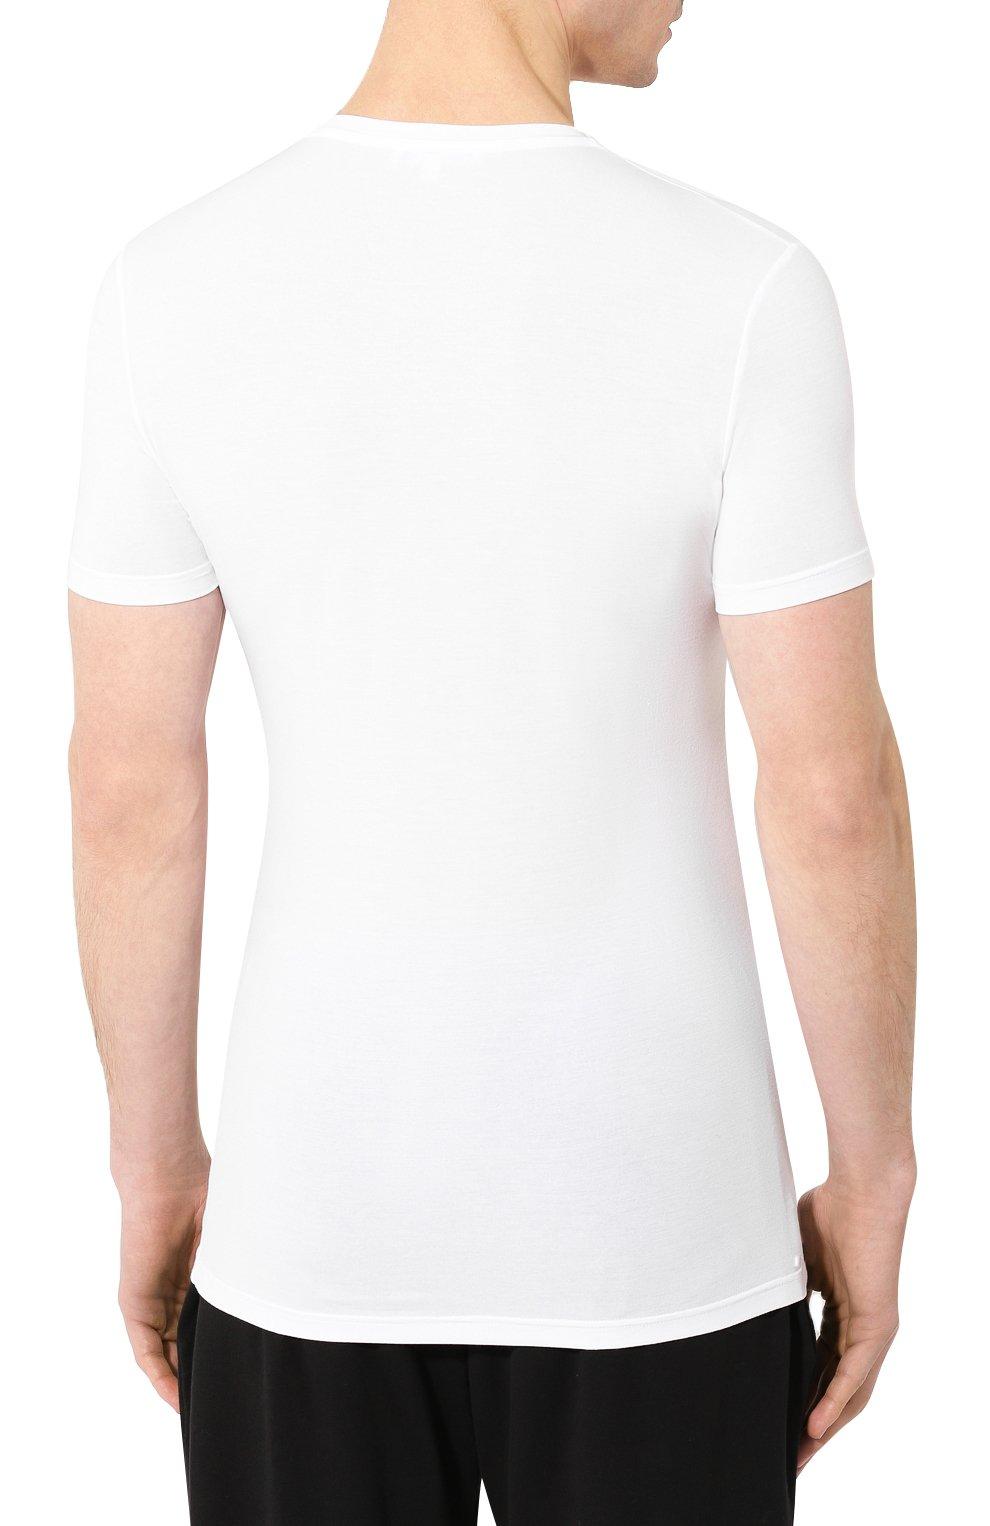 Мужская футболка ERMENEGILDO ZEGNA белого цвета, арт. N2M200020   Фото 4 (Кросс-КТ: домашняя одежда; Рукава: Короткие; Материал внешний: Синтетический материал; Длина (для топов): Стандартные; Мужское Кросс-КТ: Футболка-белье; Статус проверки: Проверена категория)